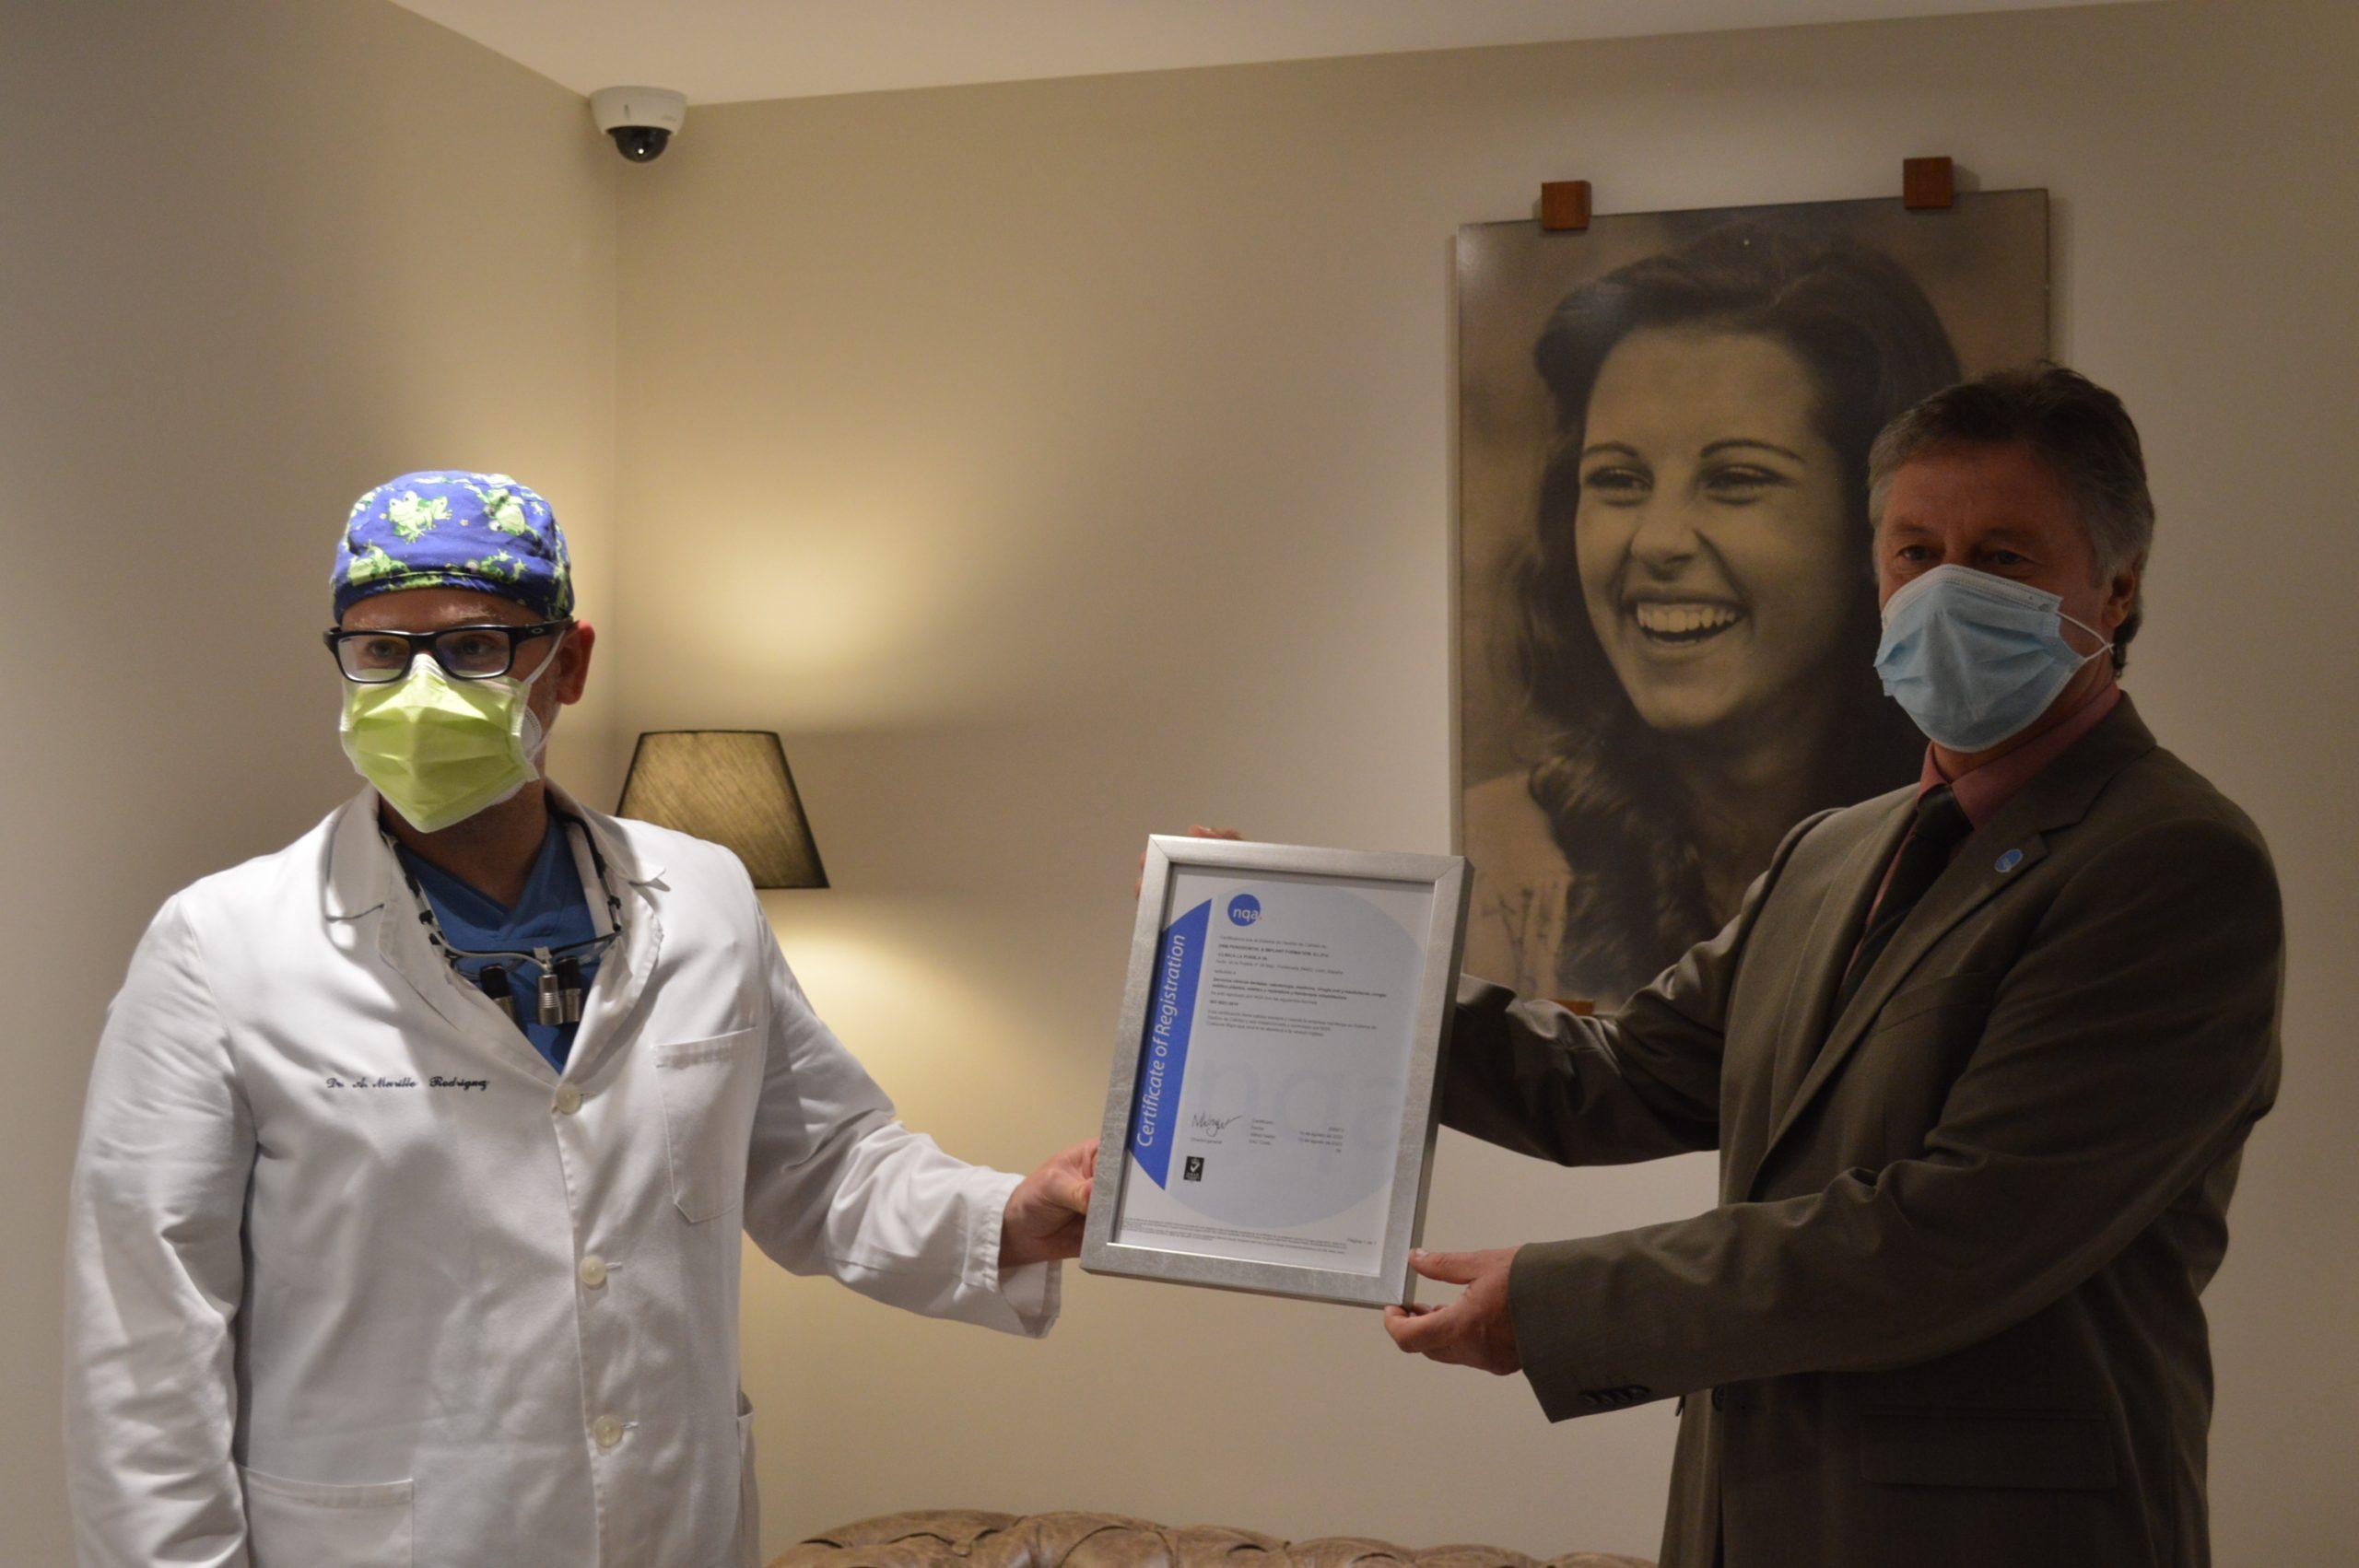 Clínica La Puebla 39 recibe en sus instalaciones las certificaciones de calidad ISO:9001 y UNE:179001 2